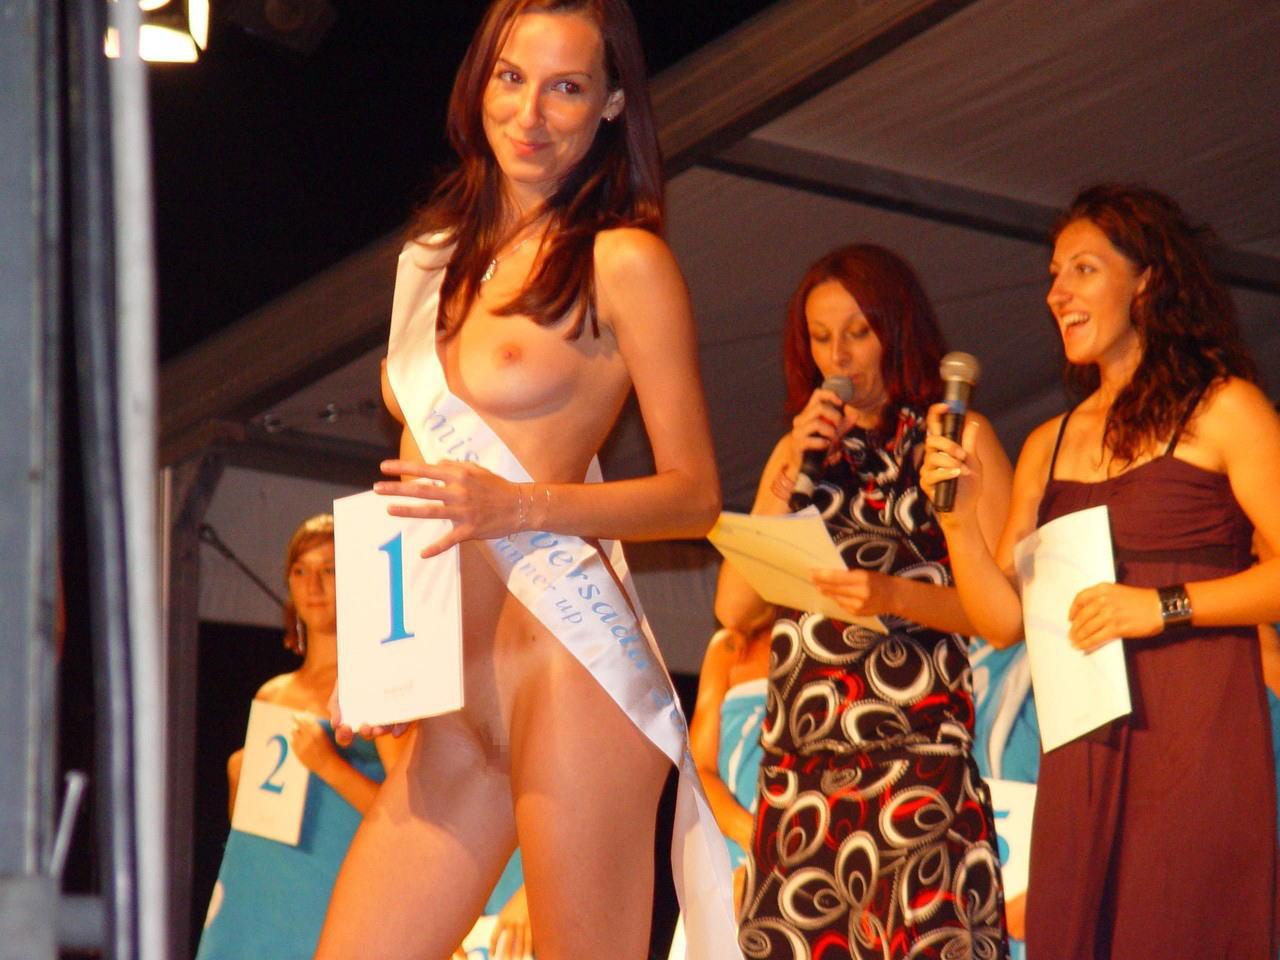 【海外エロ画像】日本では無理?いや真似してよ(*゚∀゚)=3ブロンド美女が全裸で競うヌードコンテストの実態www 03